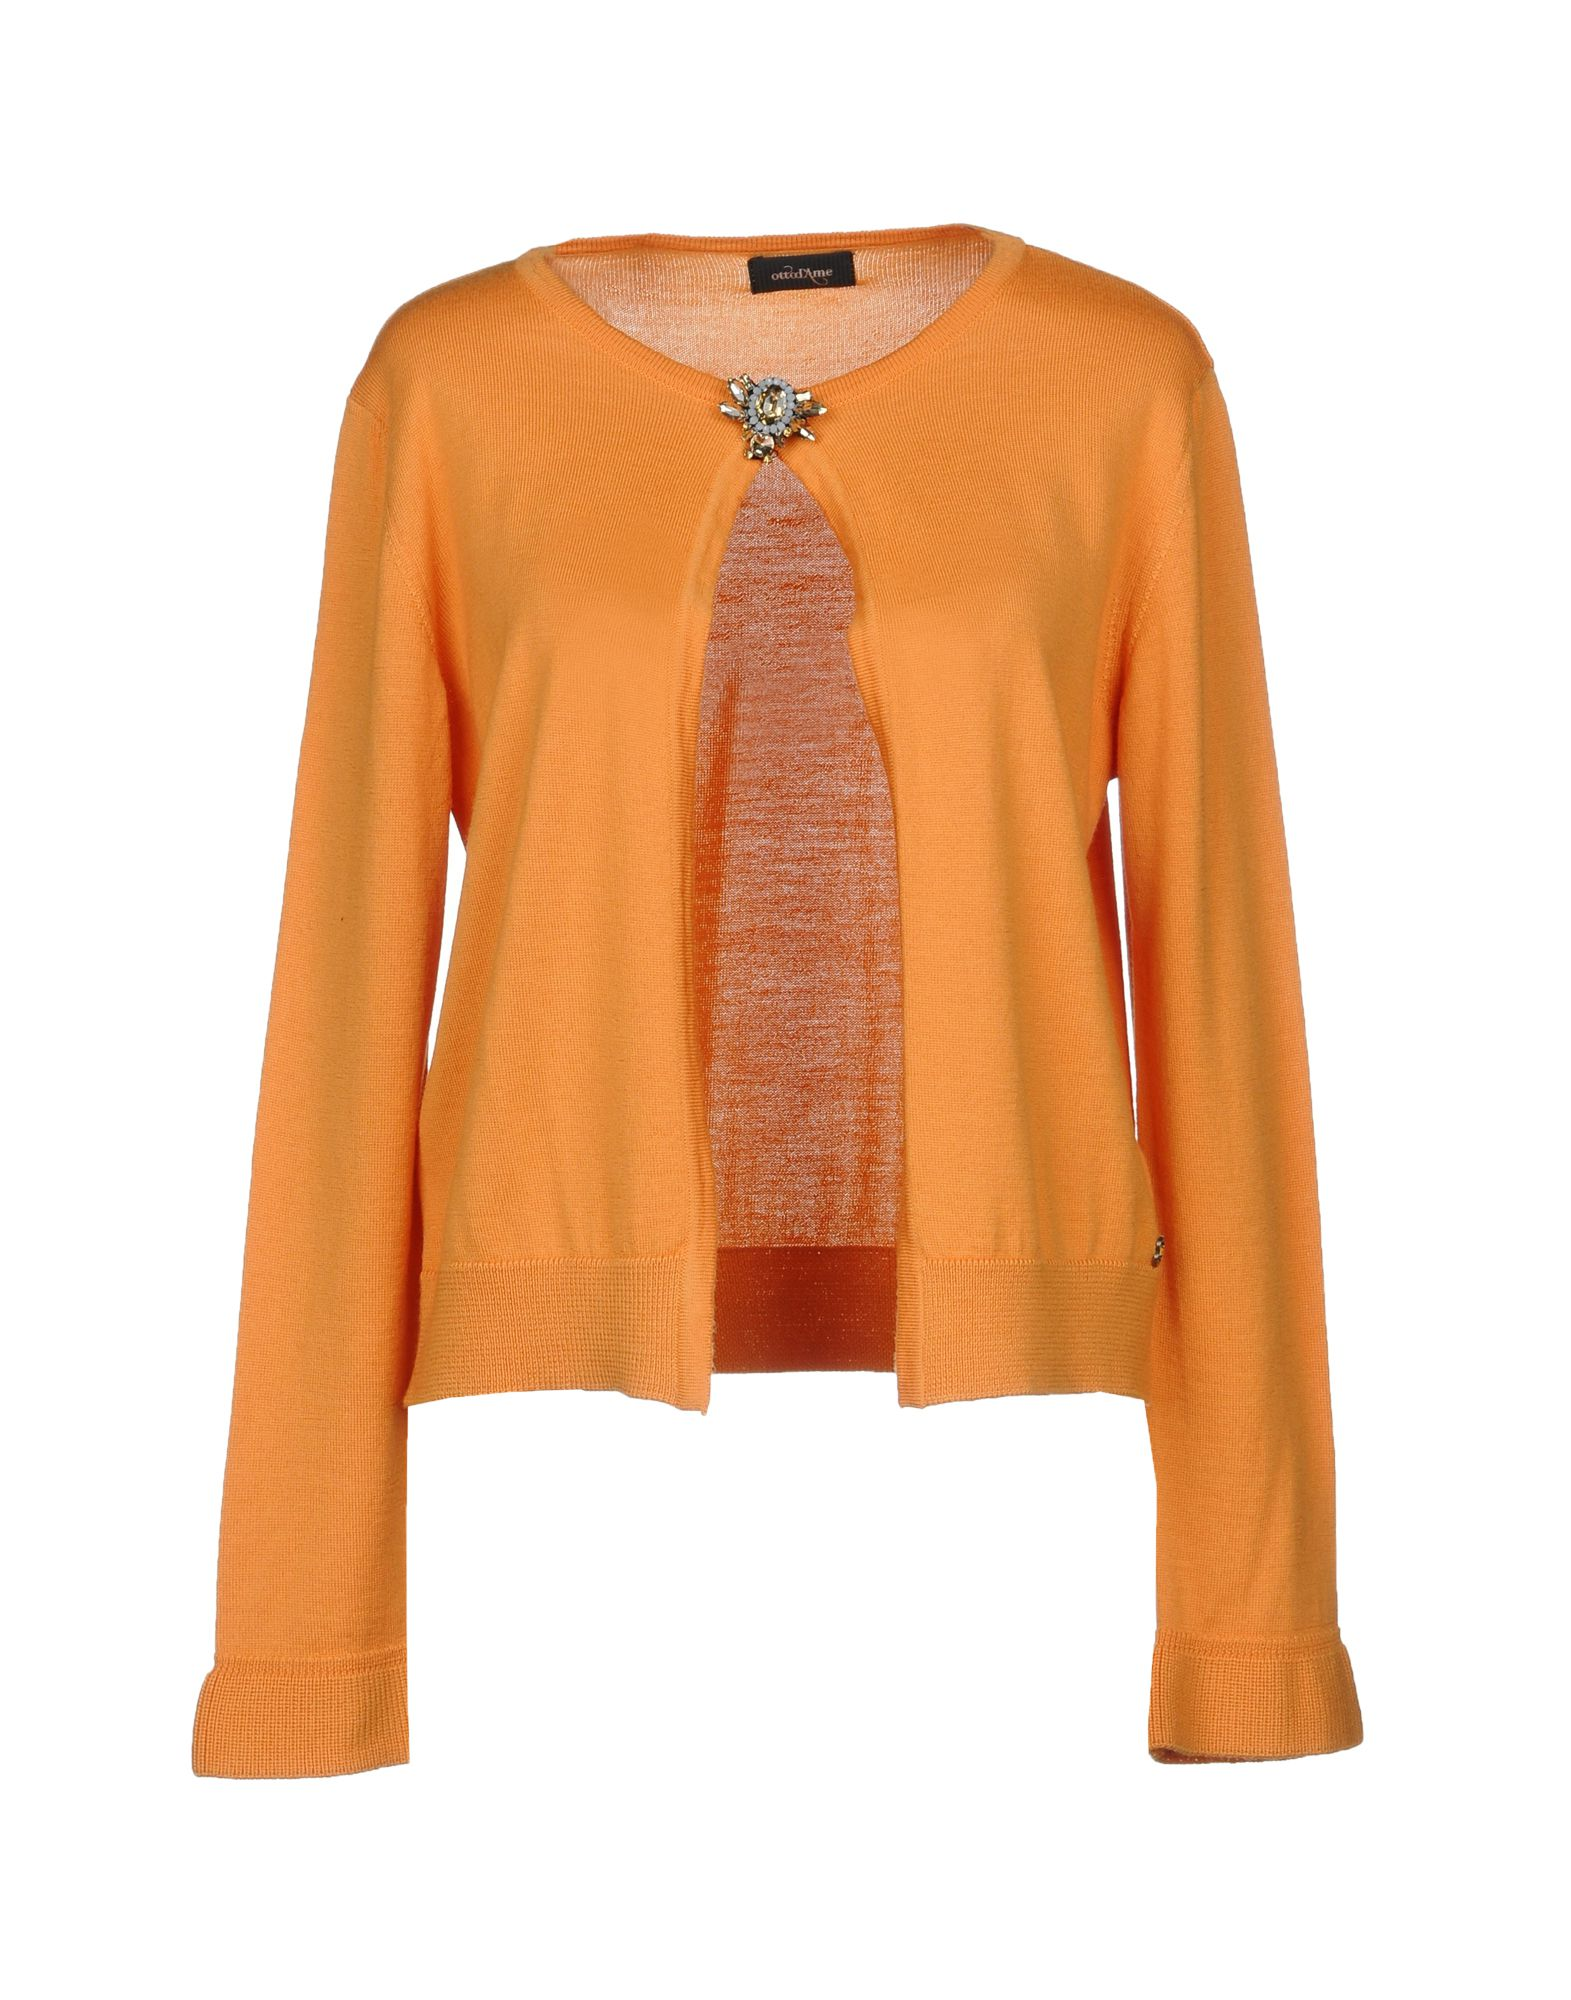 OTTOD'AME Cardigan in Orange